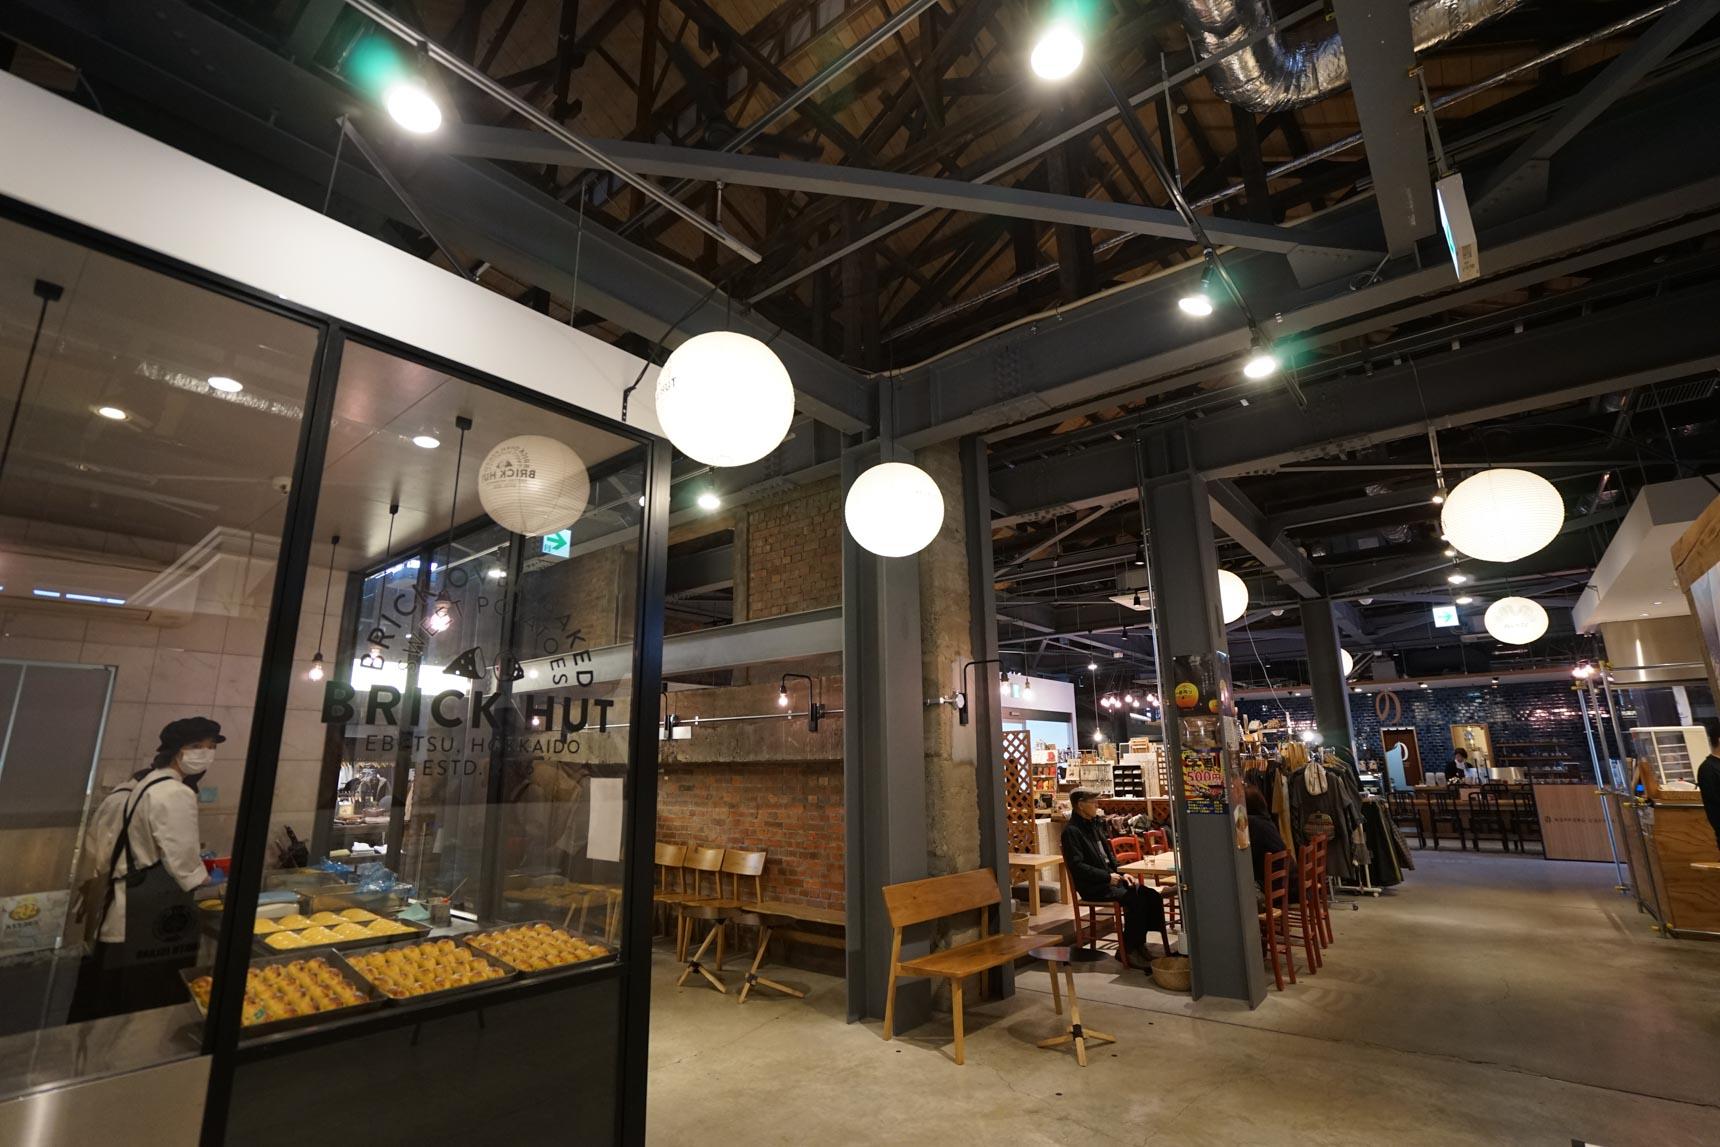 中はとてもおしゃれな雰囲気。地元の名産品や野菜の販売所や、江別の食材を使った飲食店が並びます。